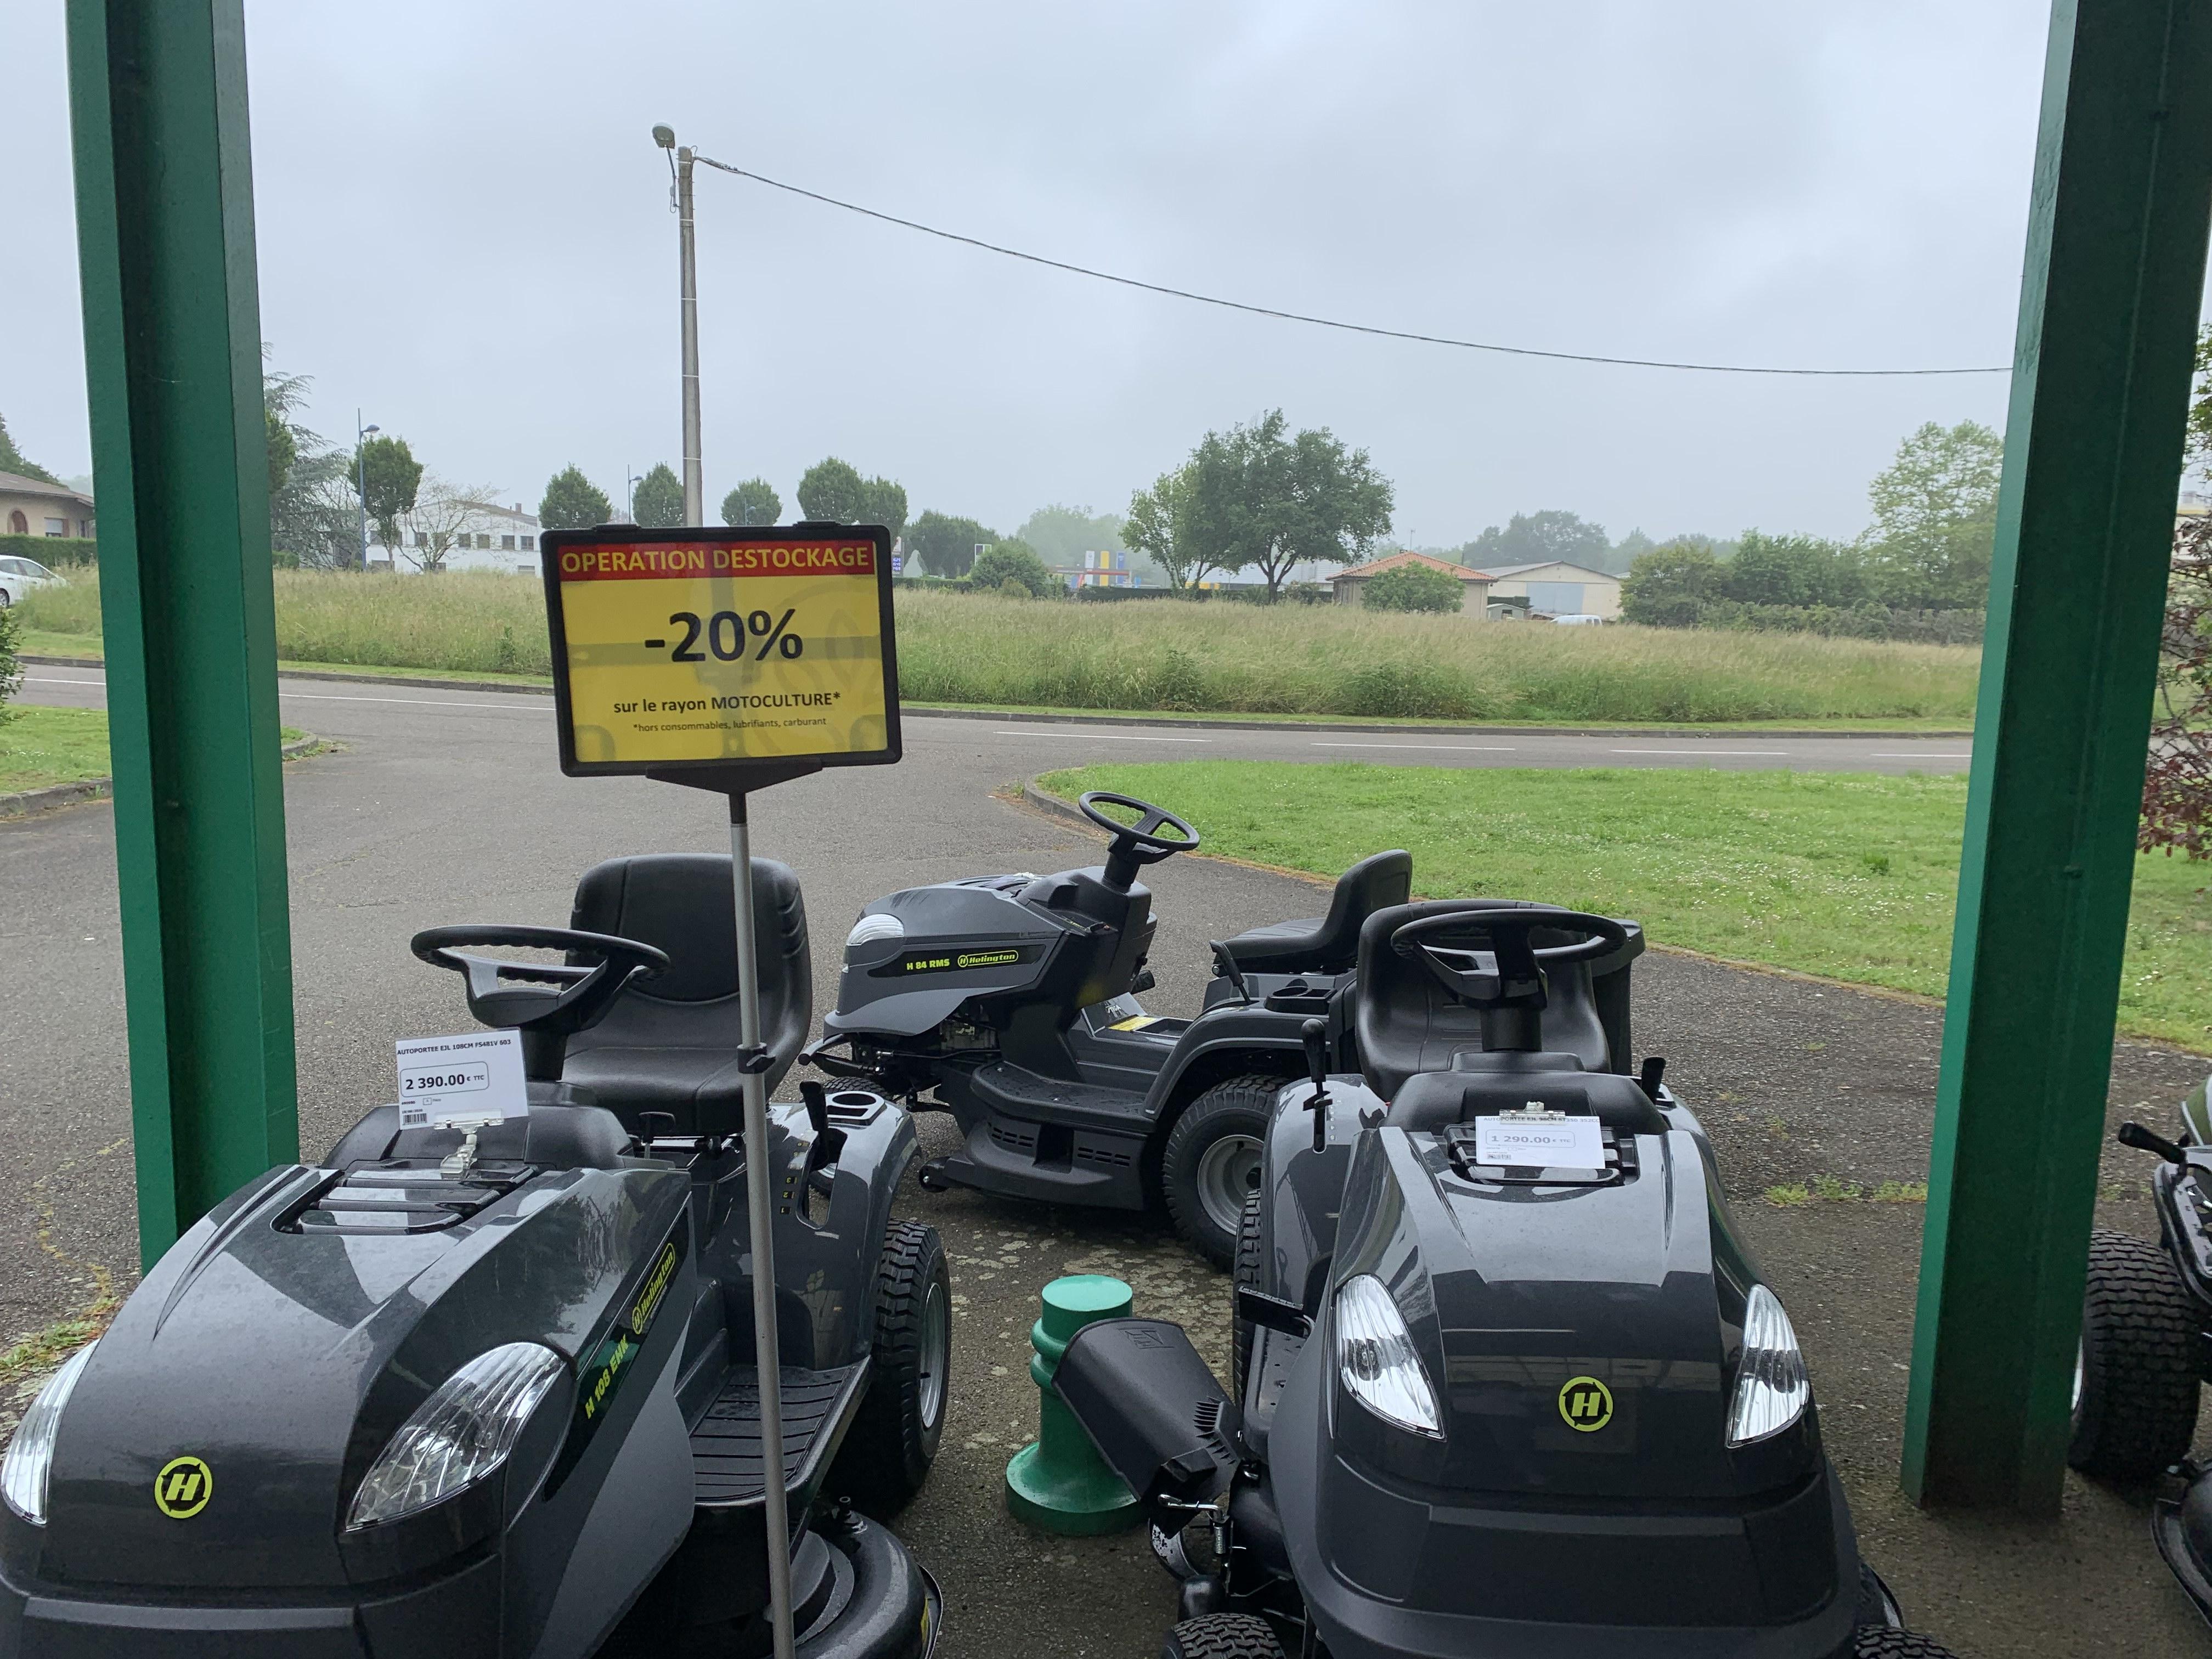 20% de réduction sur le rayon motoculture (hors exceptions) - Grenade Sur Adour (40)